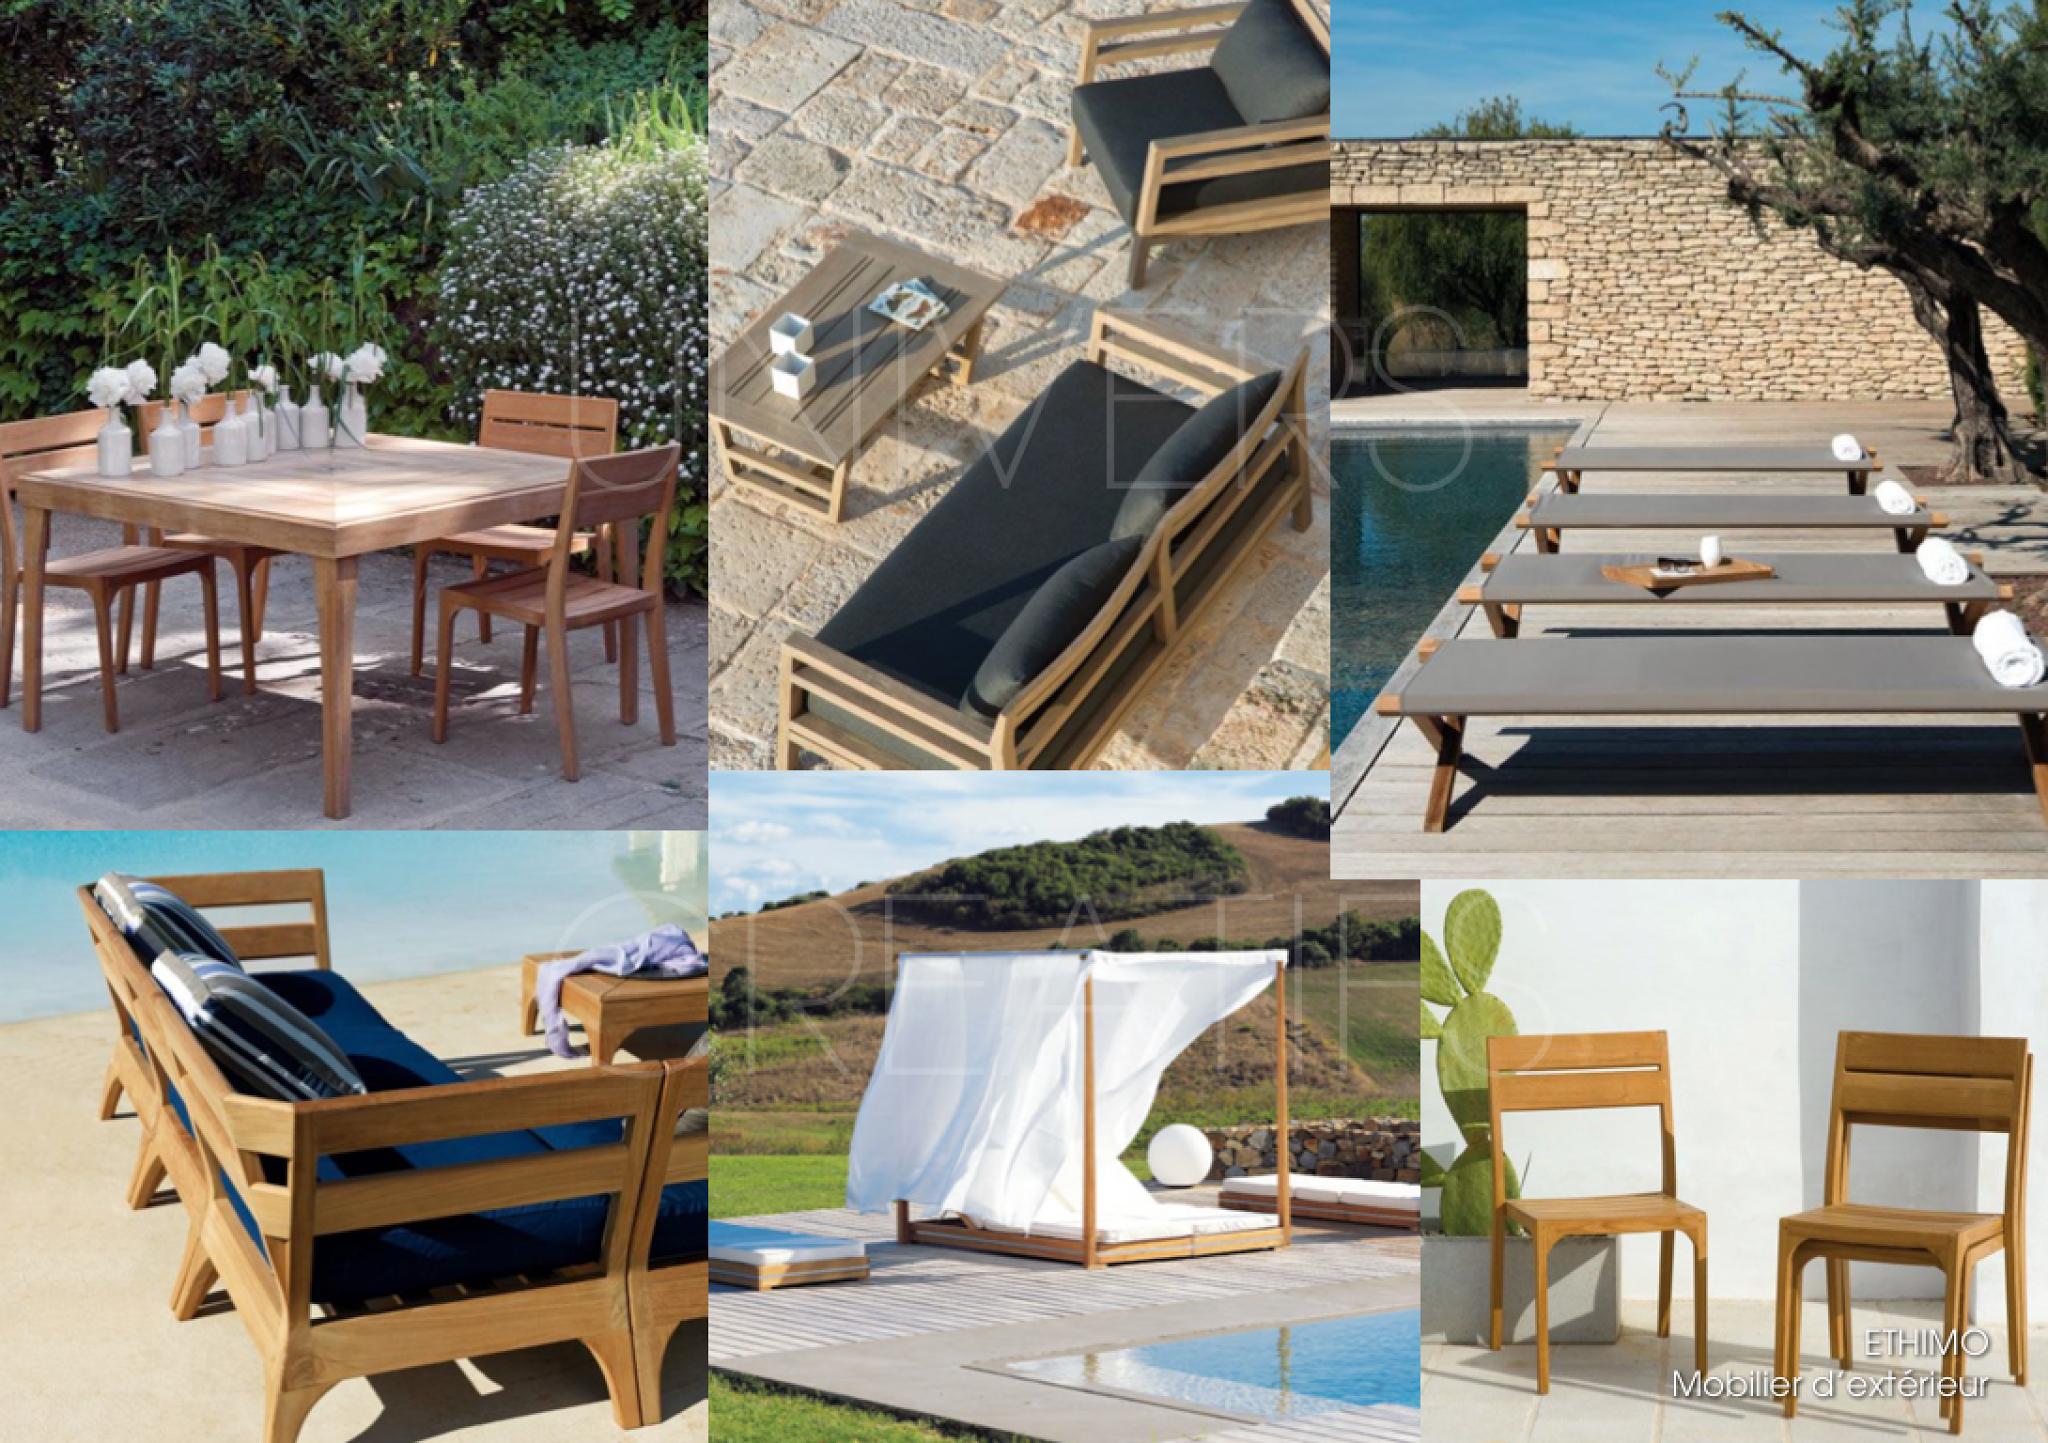 Affordable ethimo meubles de jardin with mobilier exterieur design italien - Mobilier jardin oriental saint denis ...